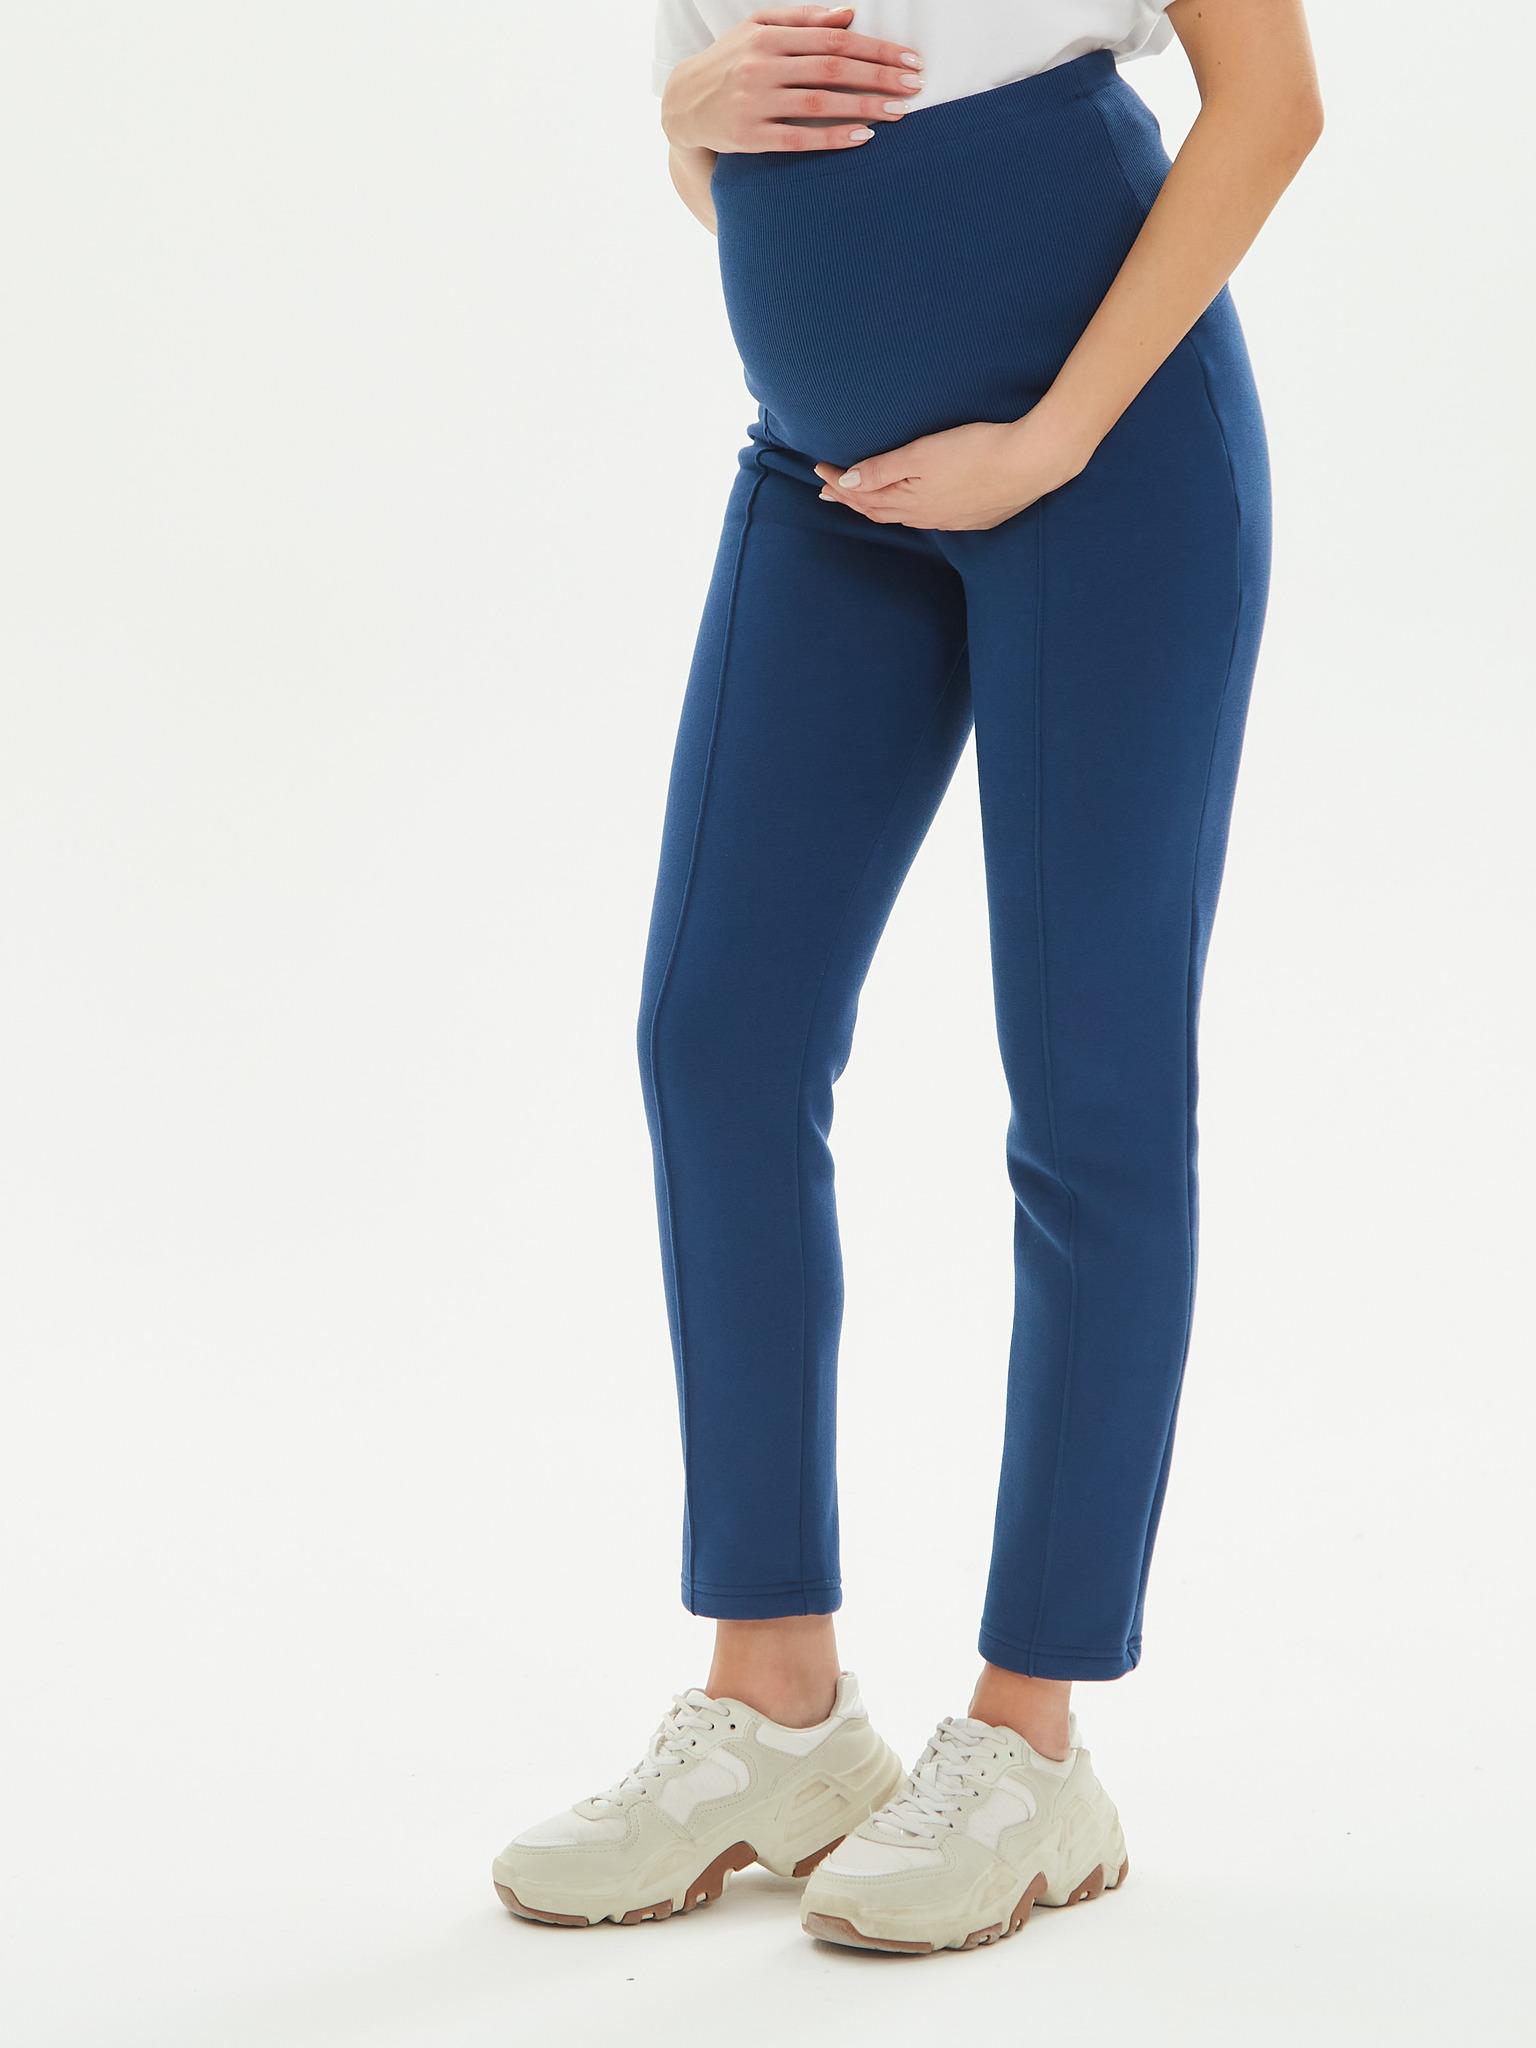 Chic mama Брюки для беременных утепленные с начесом